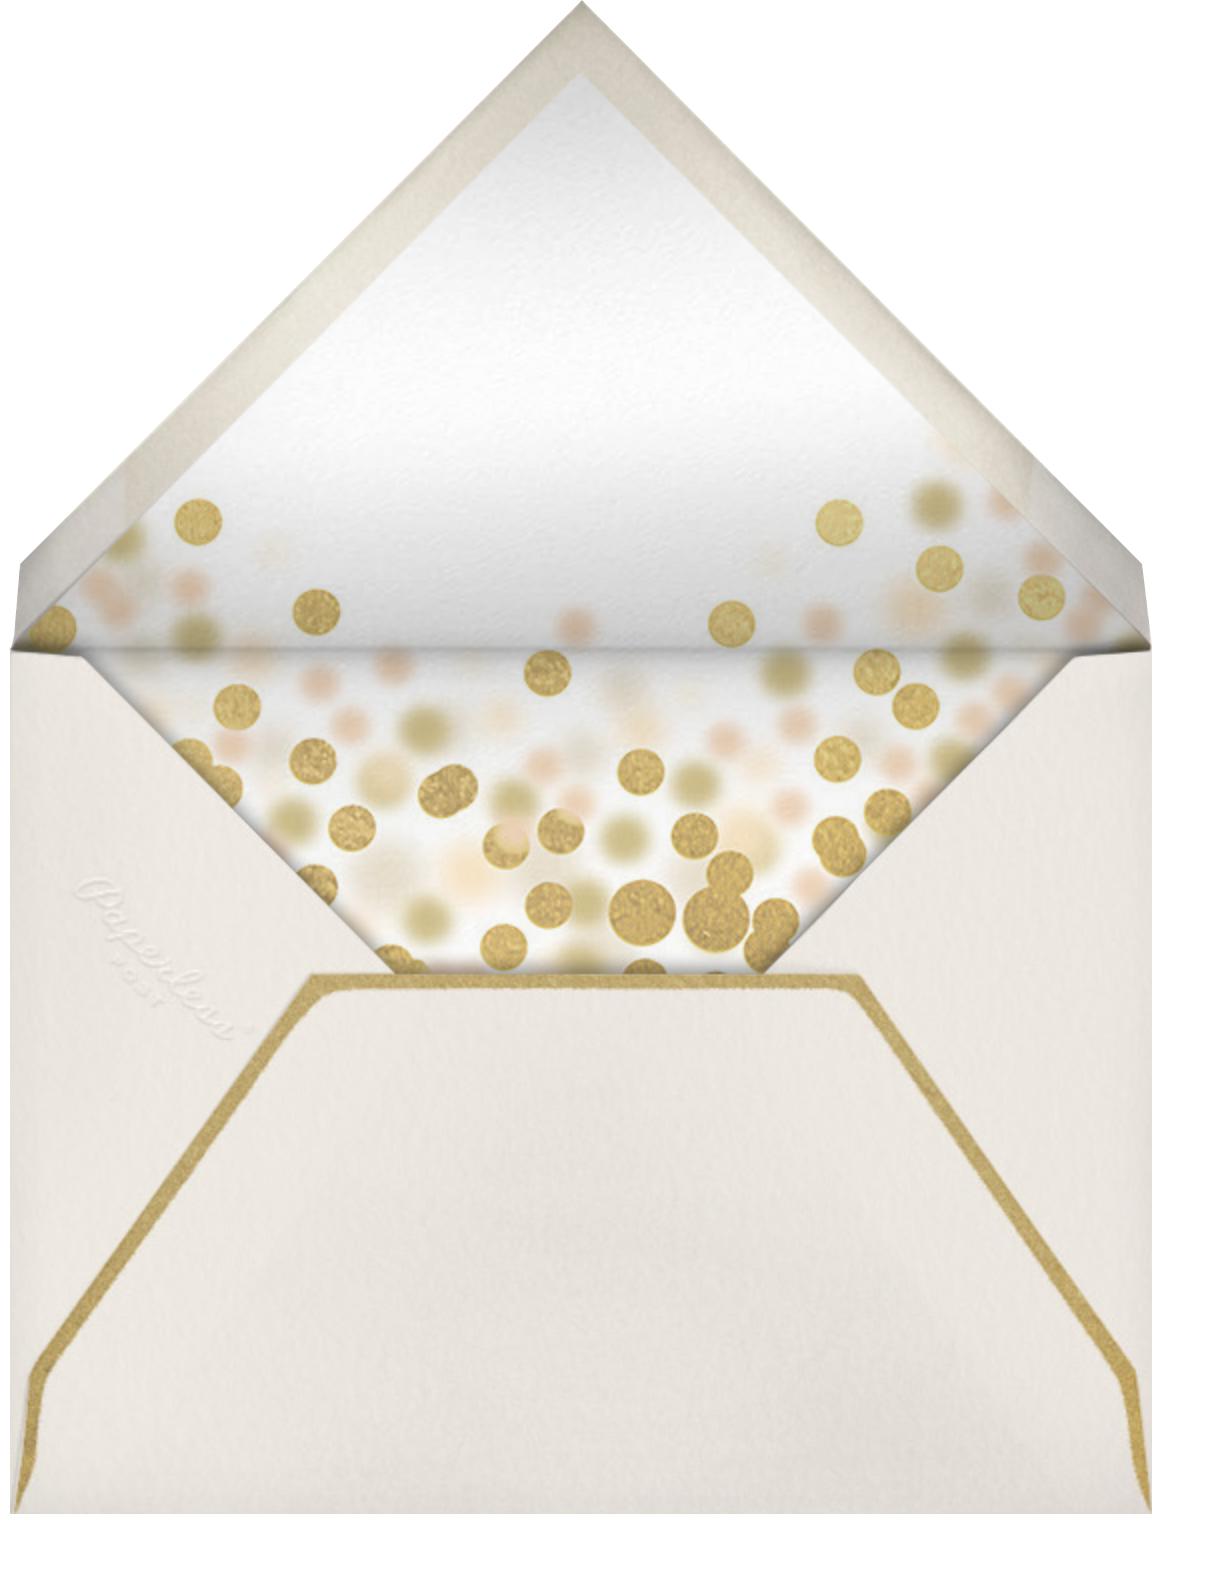 Sparkle Lights (Invitation) - White - Paperless Post - All - envelope back